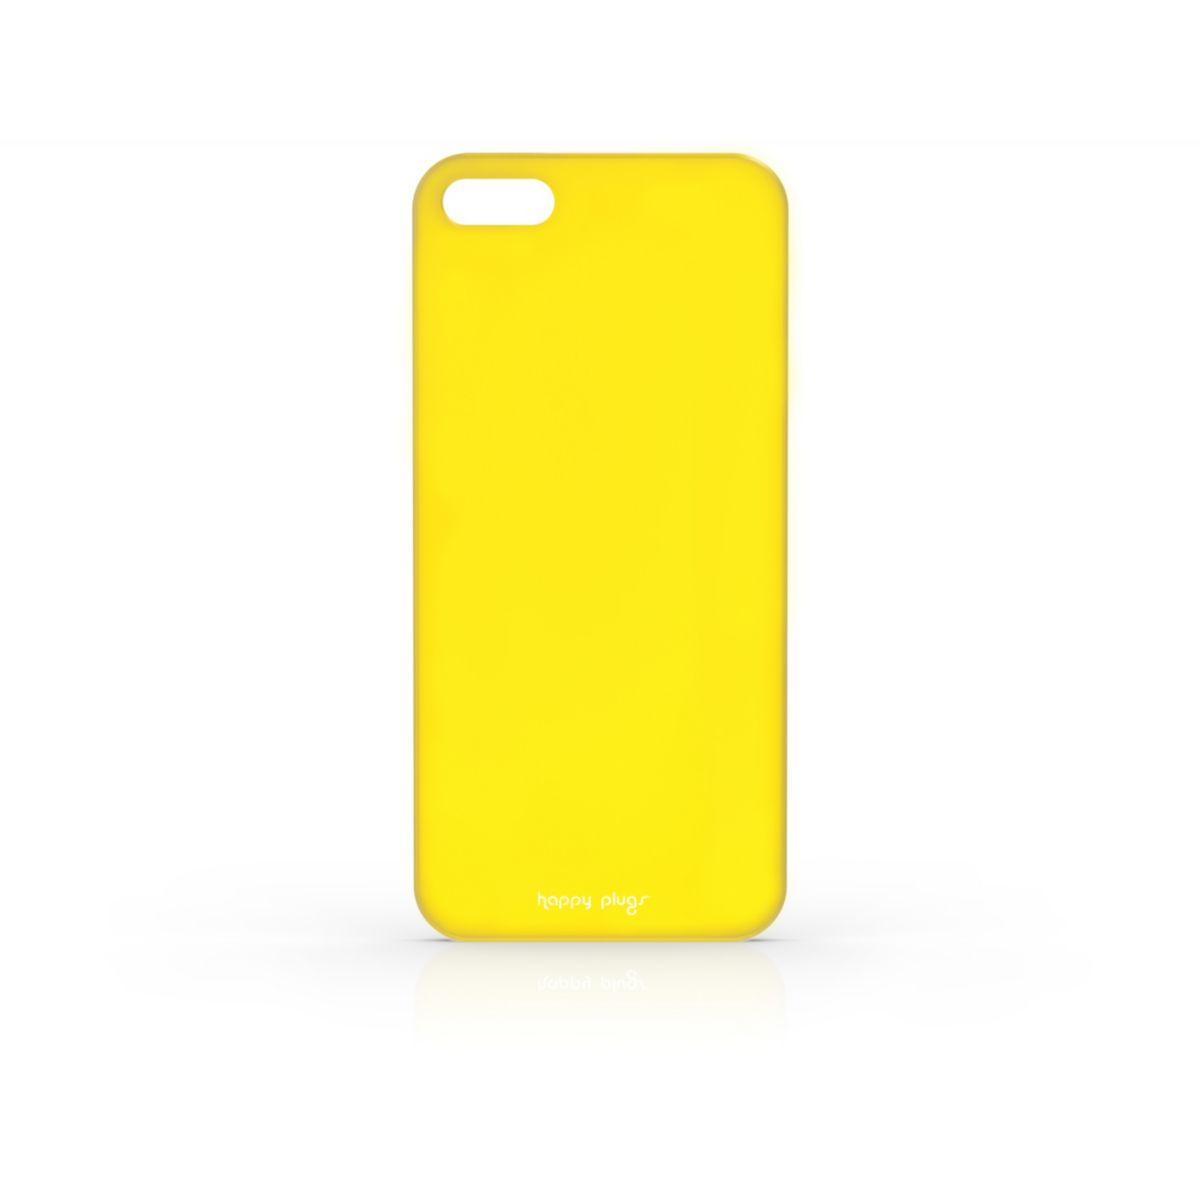 Coque HAPPY PLUGS iPhone 5/5S jaune